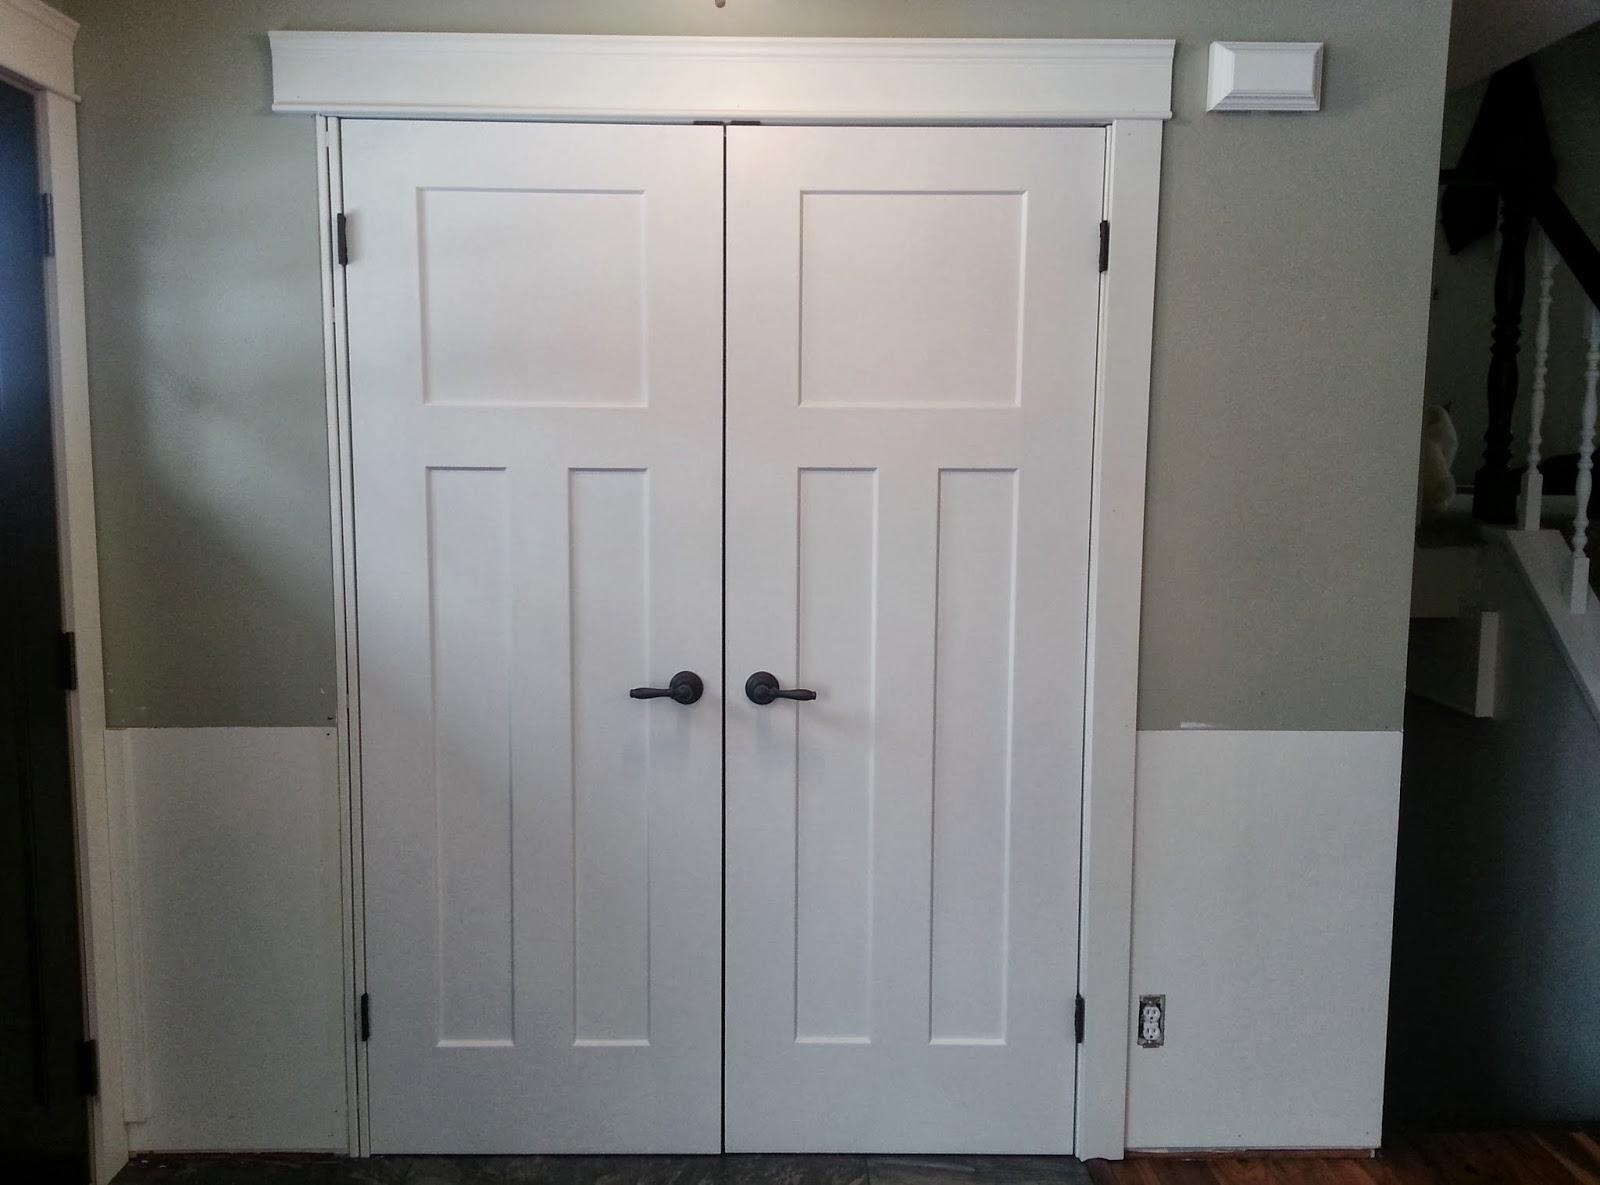 Ordering Doors & Guide To Measuring Ordering Hinge